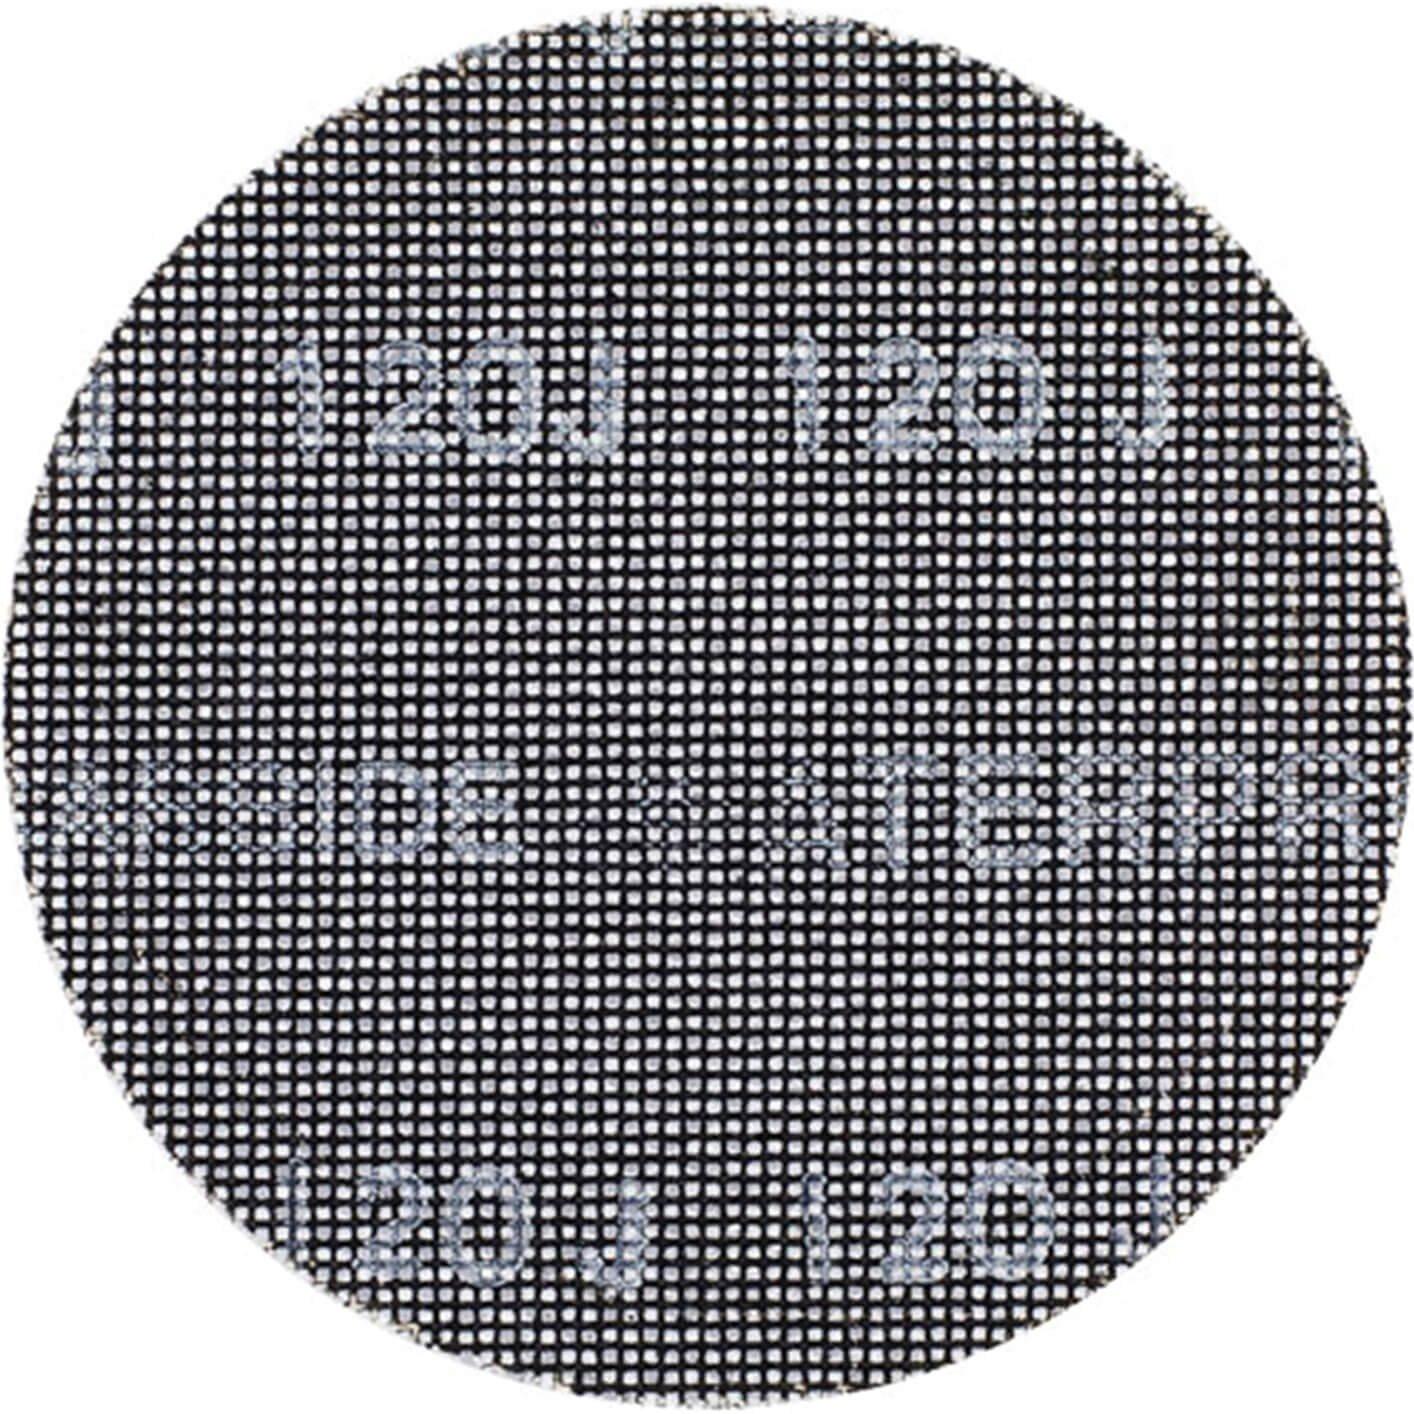 DeWalt Extreme 4X Life 125mm Mesh Sanding Disc 125mm 80g Pack of 10